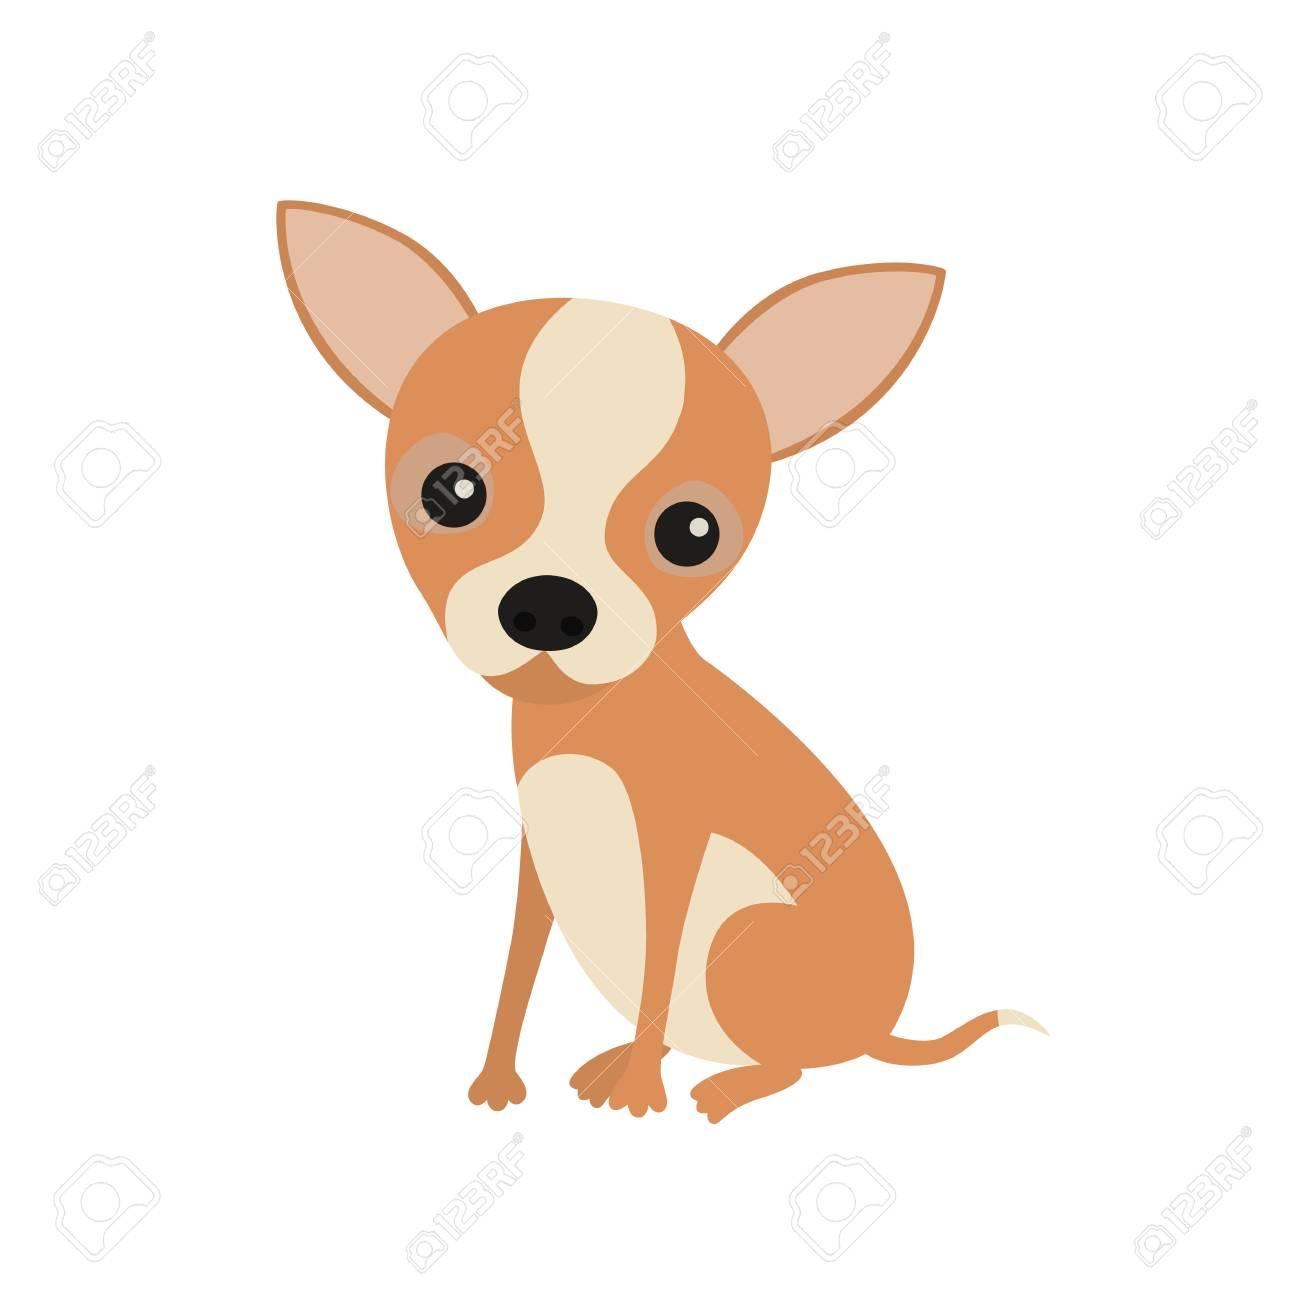 Bonito Páginas De Color Perros Ornamento - Dibujos Para Colorear En ...